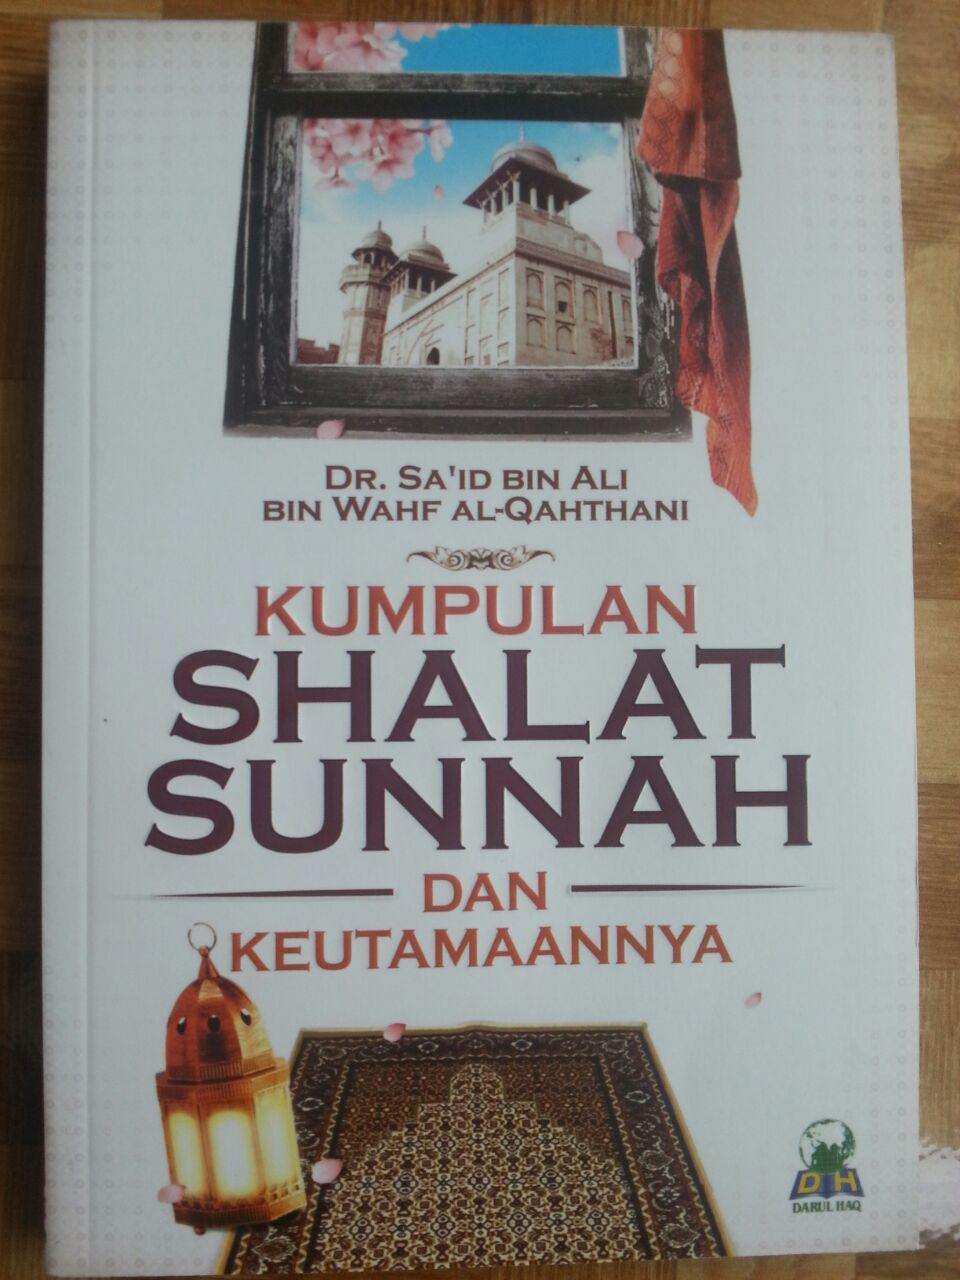 Buku Kumpulan Shalat Sunnah Dan Keutamaannya cover 2